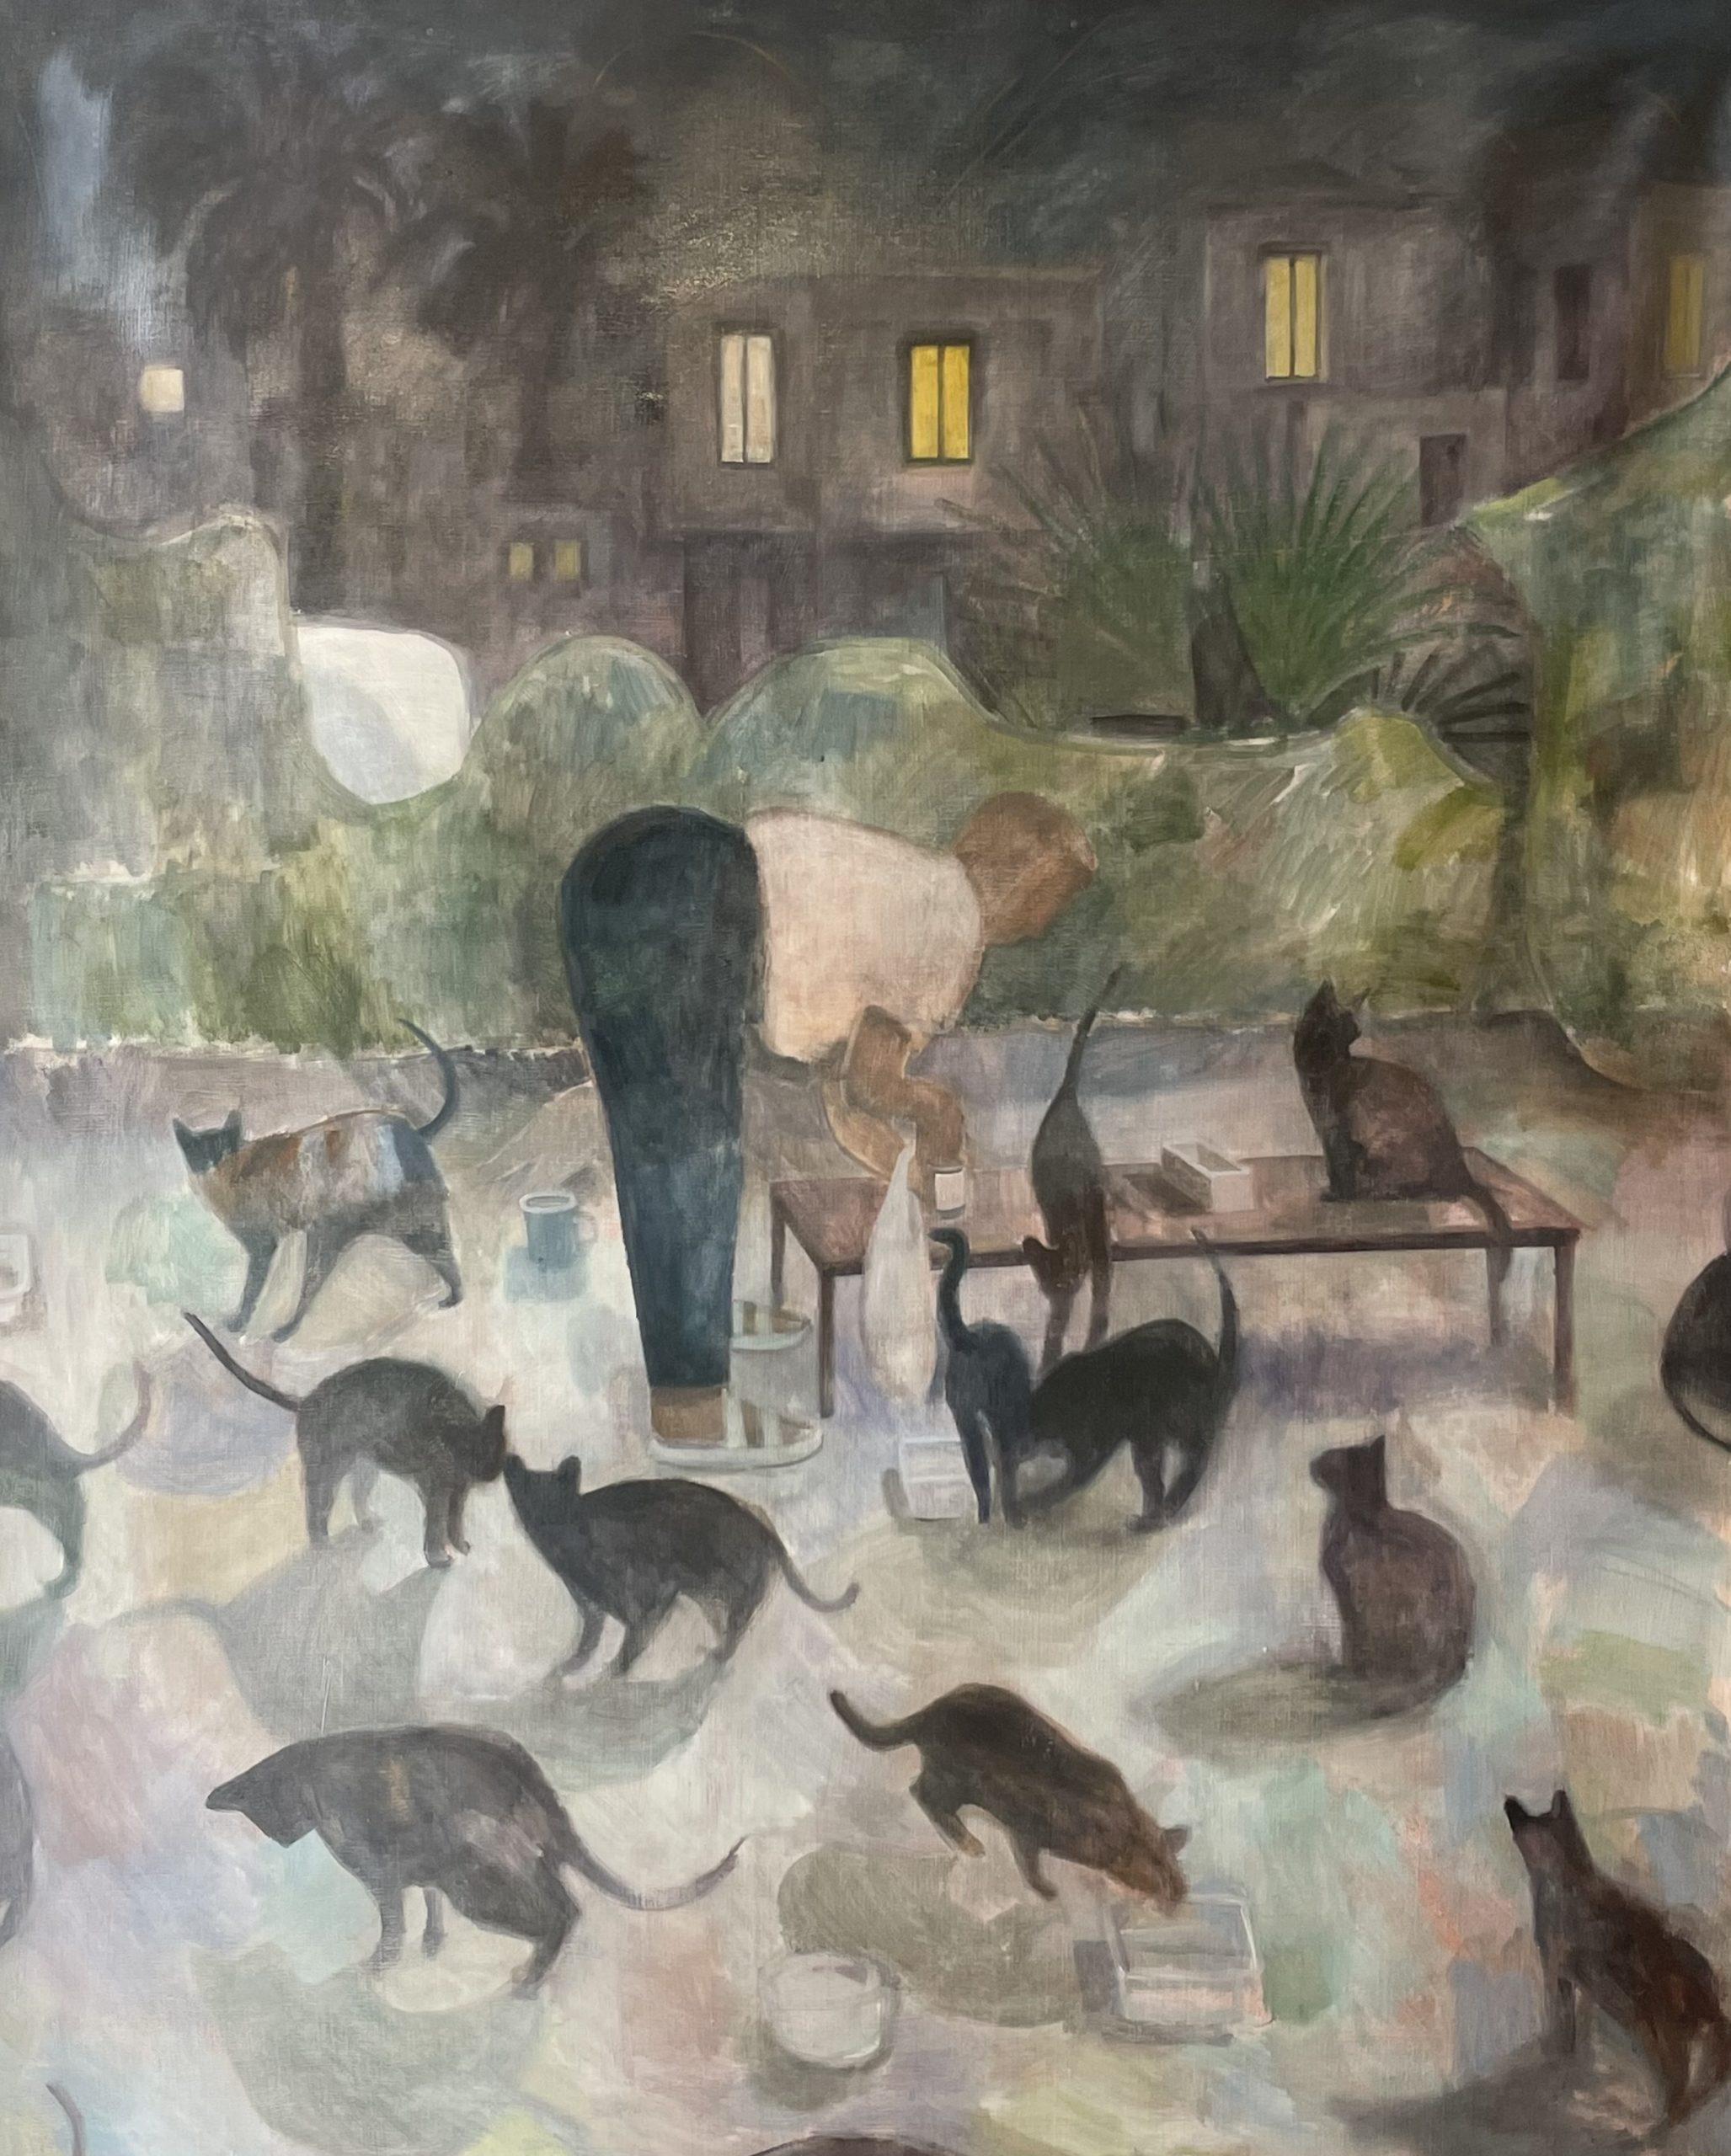 La dame aux chats, 2021, huile sur toile, 160,5 x 128,5 cm